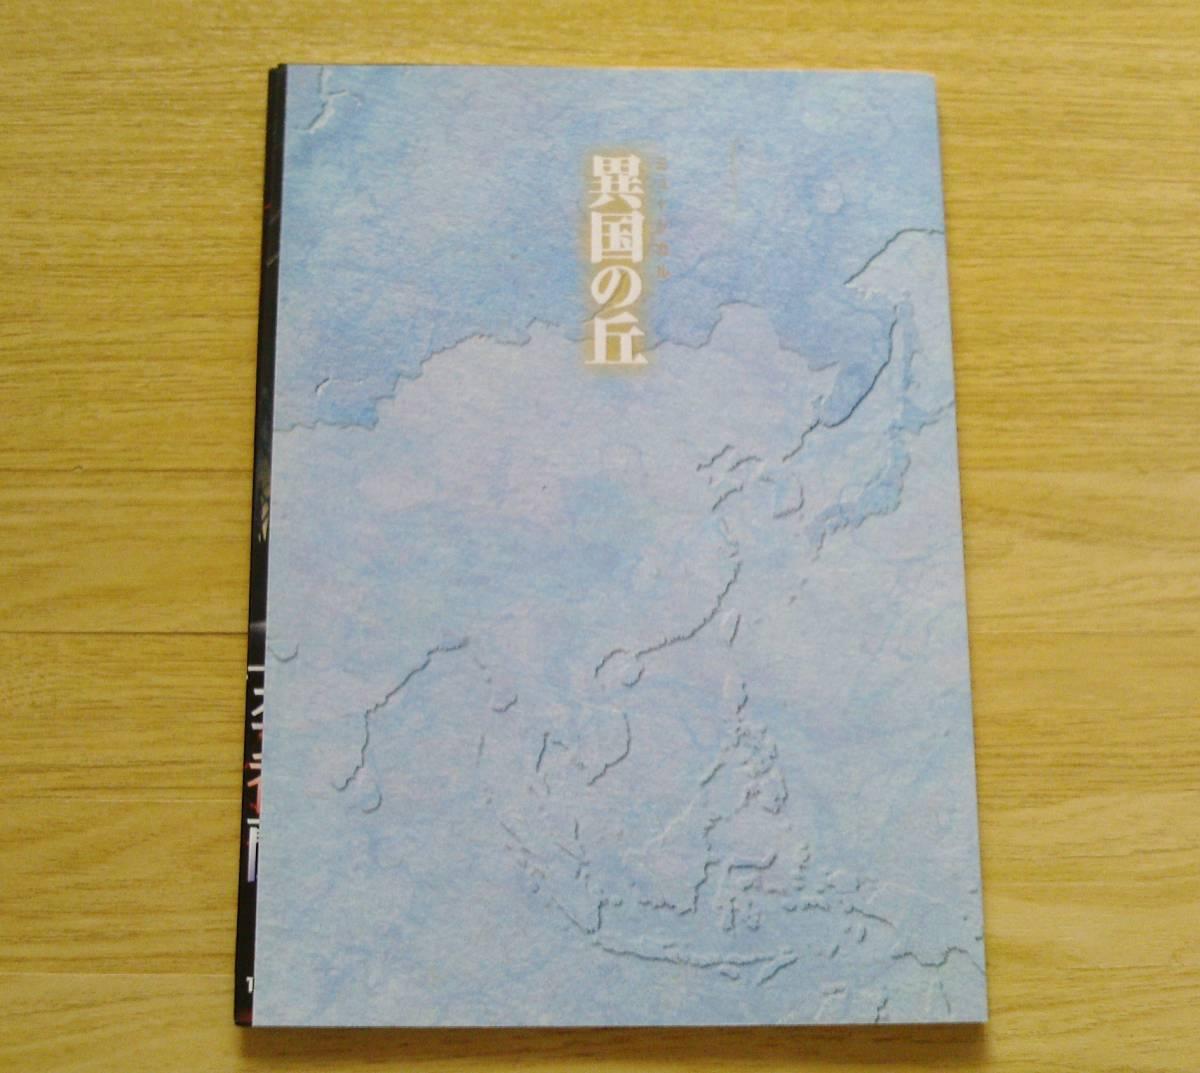 中古 ≪劇団四季 パンフレット≫ 『異国の丘』 2006年